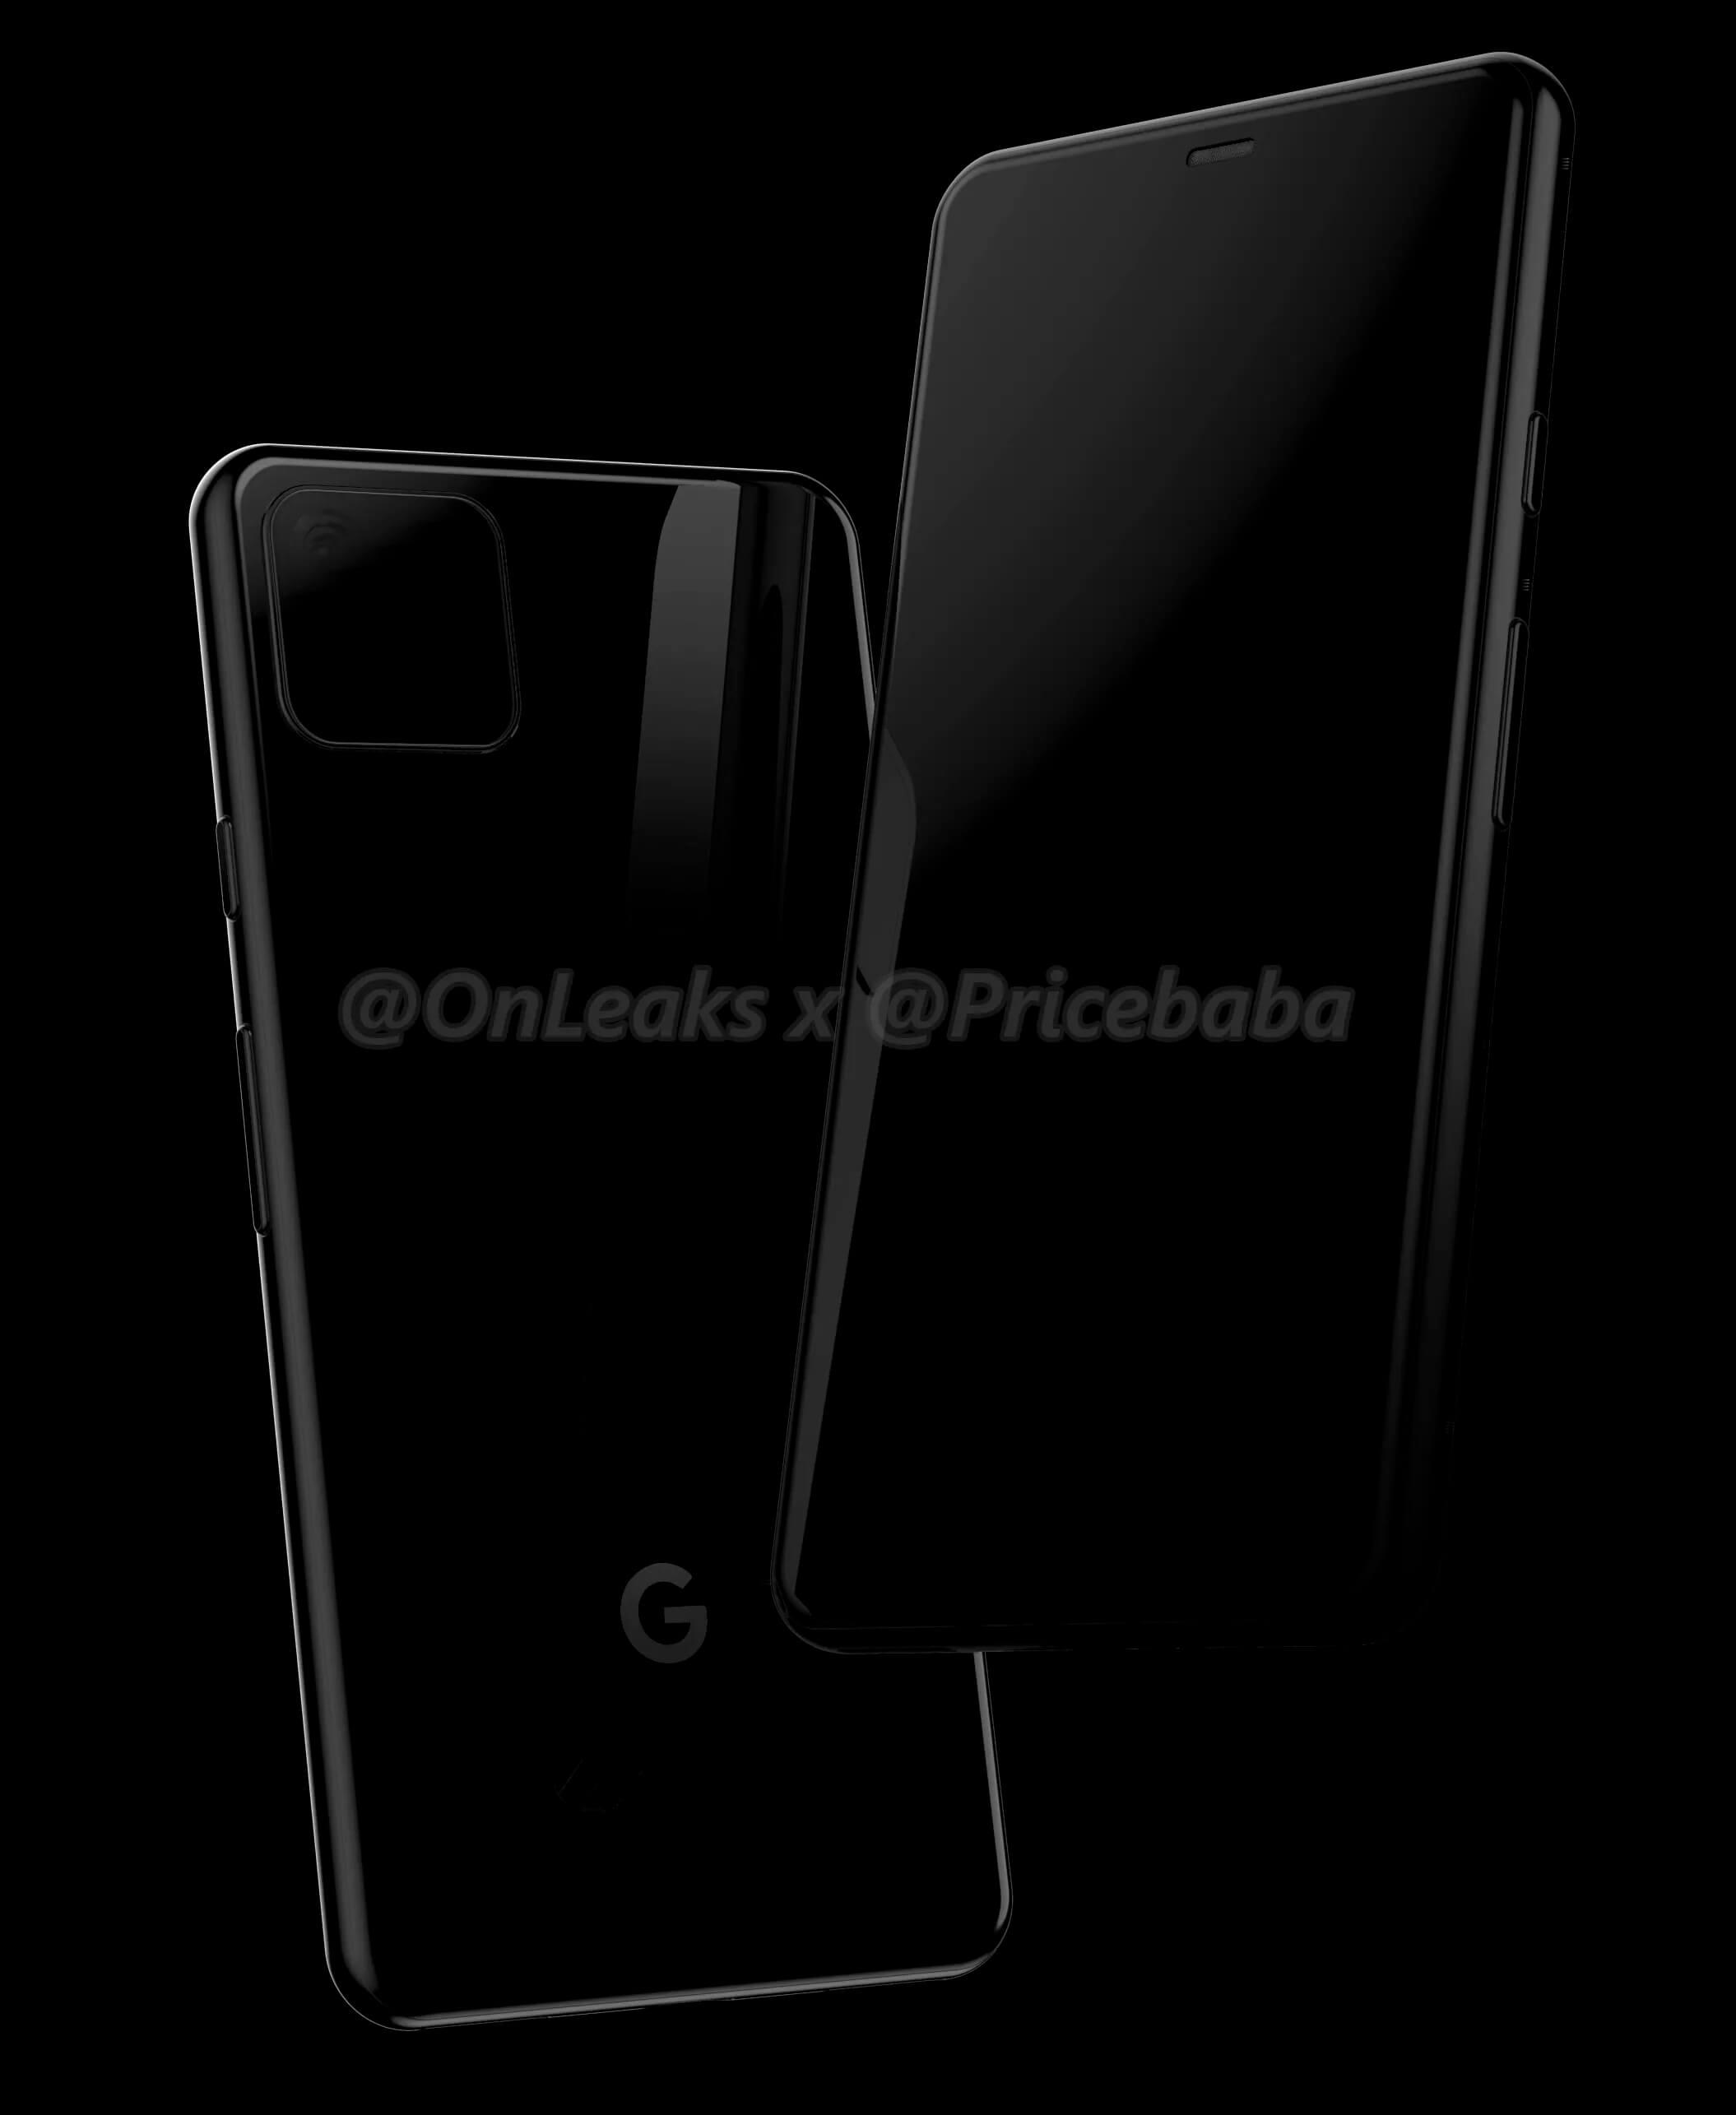 Daemoniaca | Aeternus Malum: Así será el diseño del Google Pixel 4